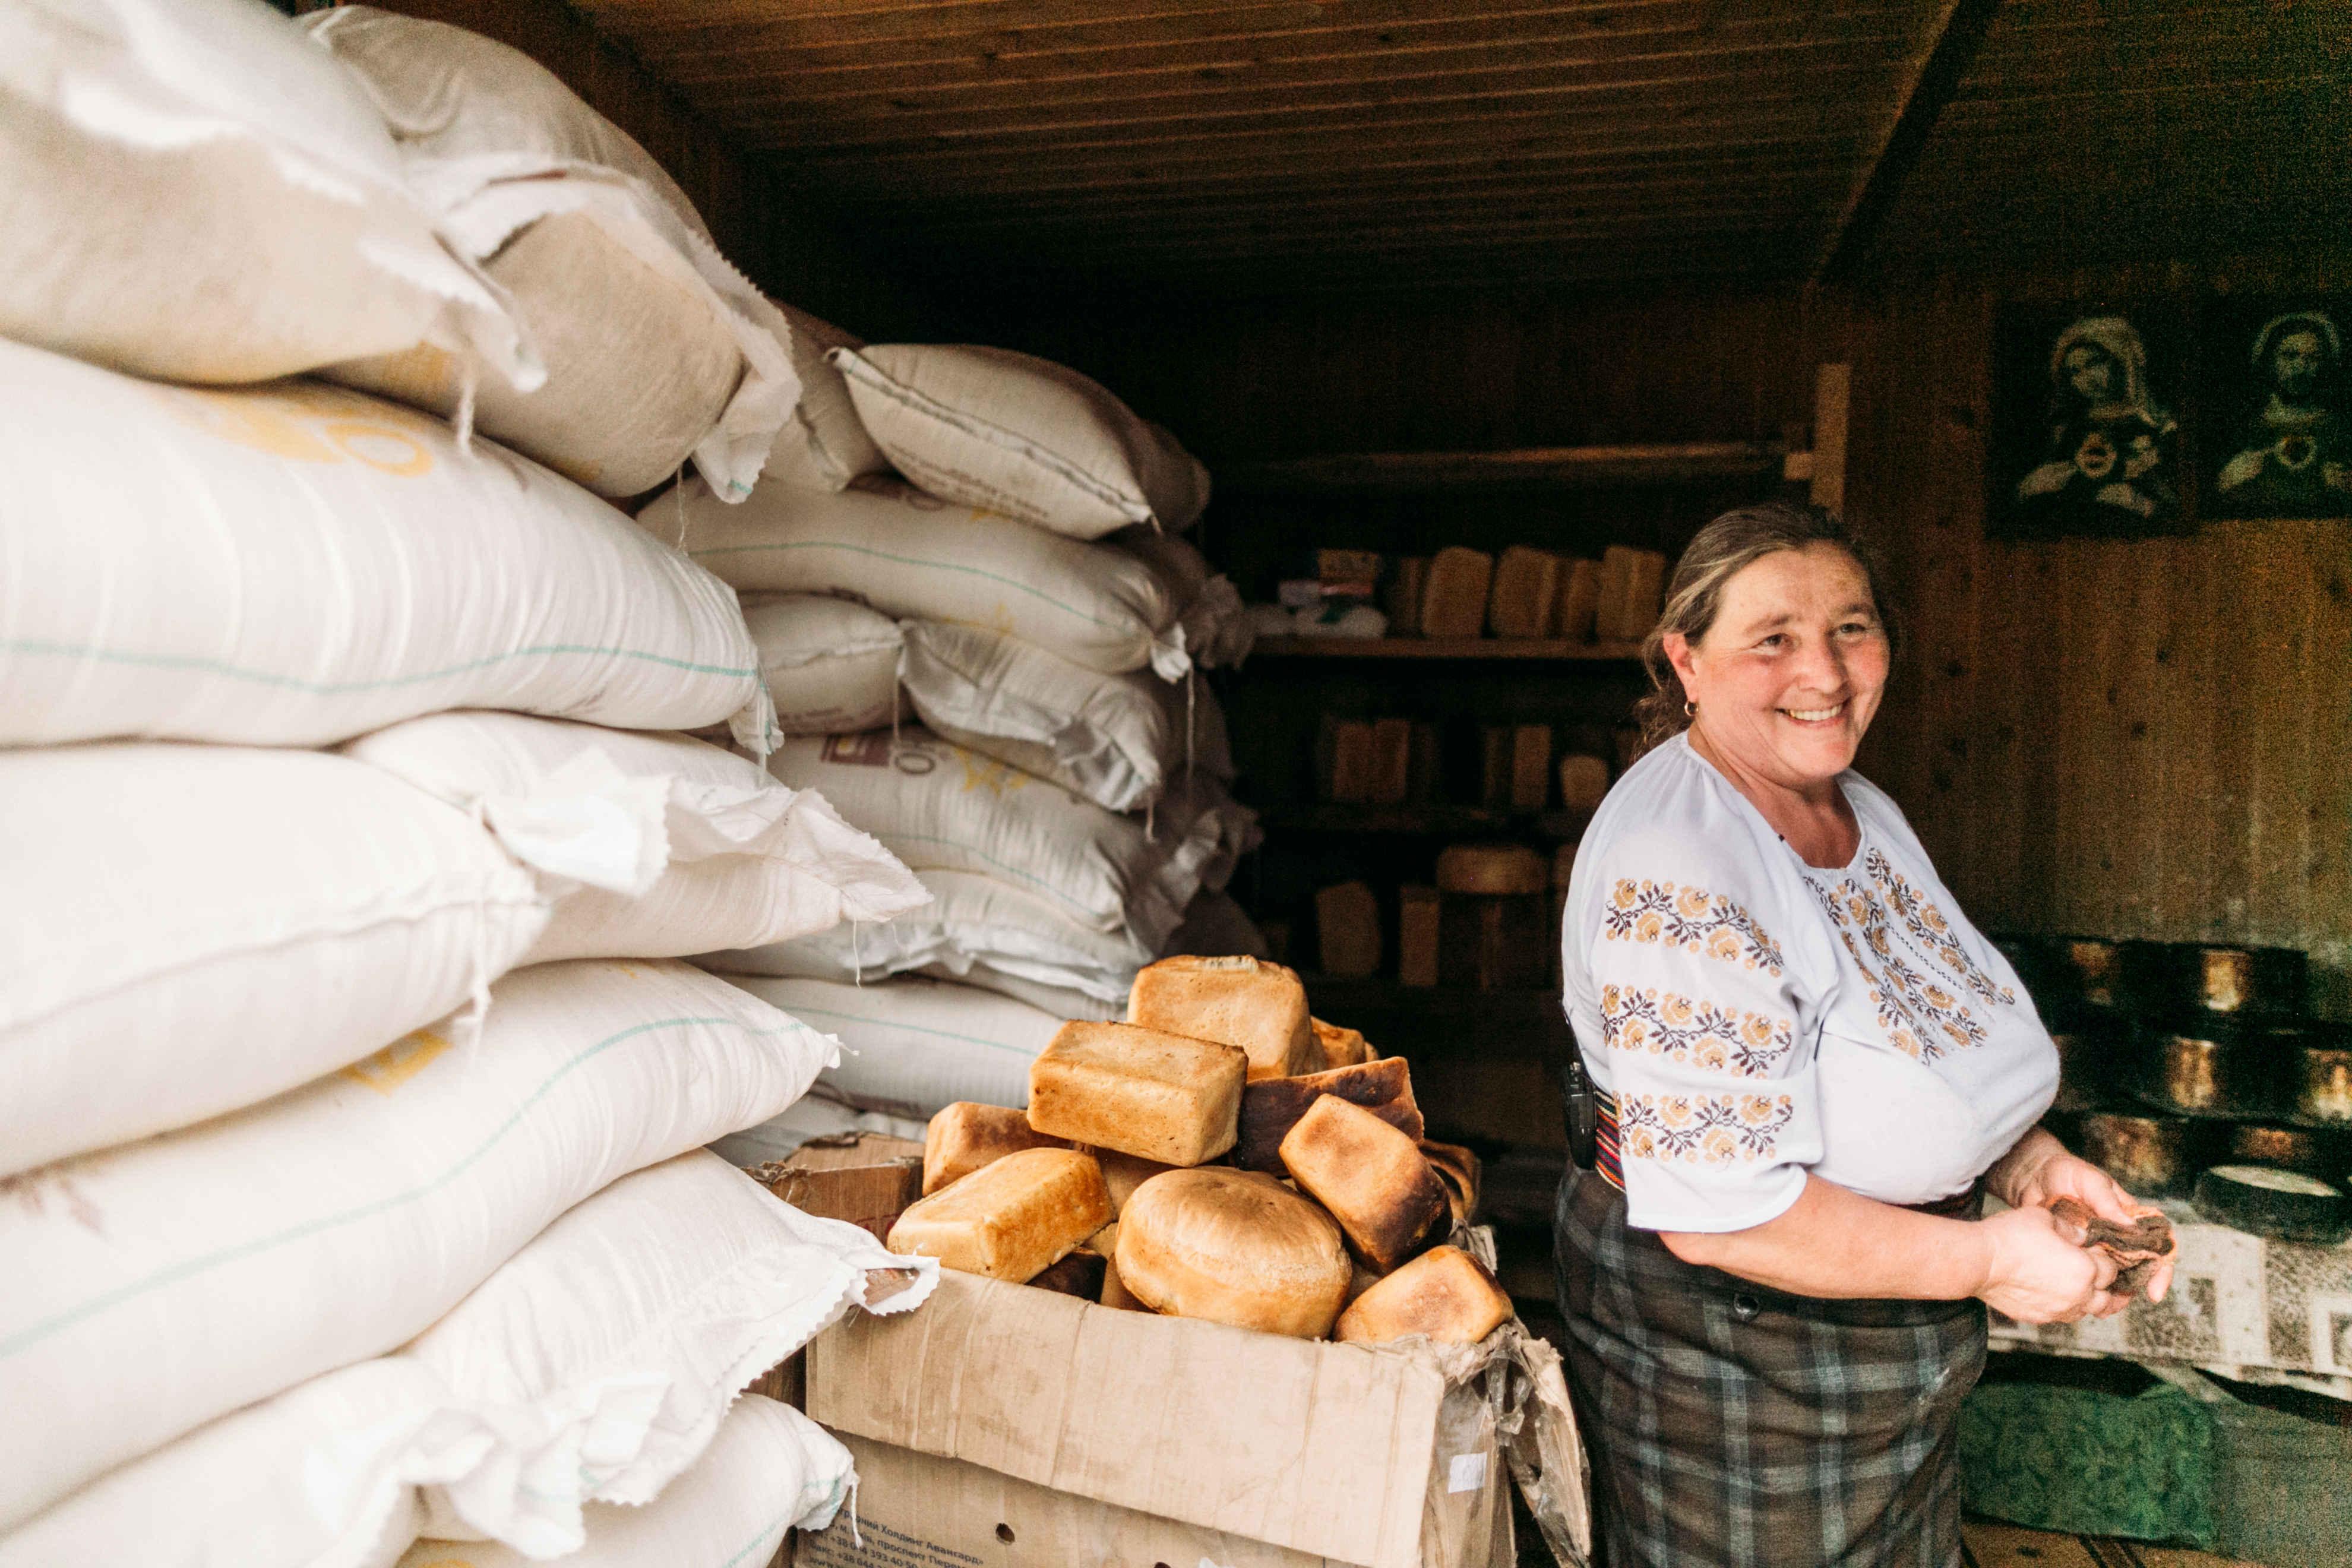 გუცულური პური კარპატებისთვის